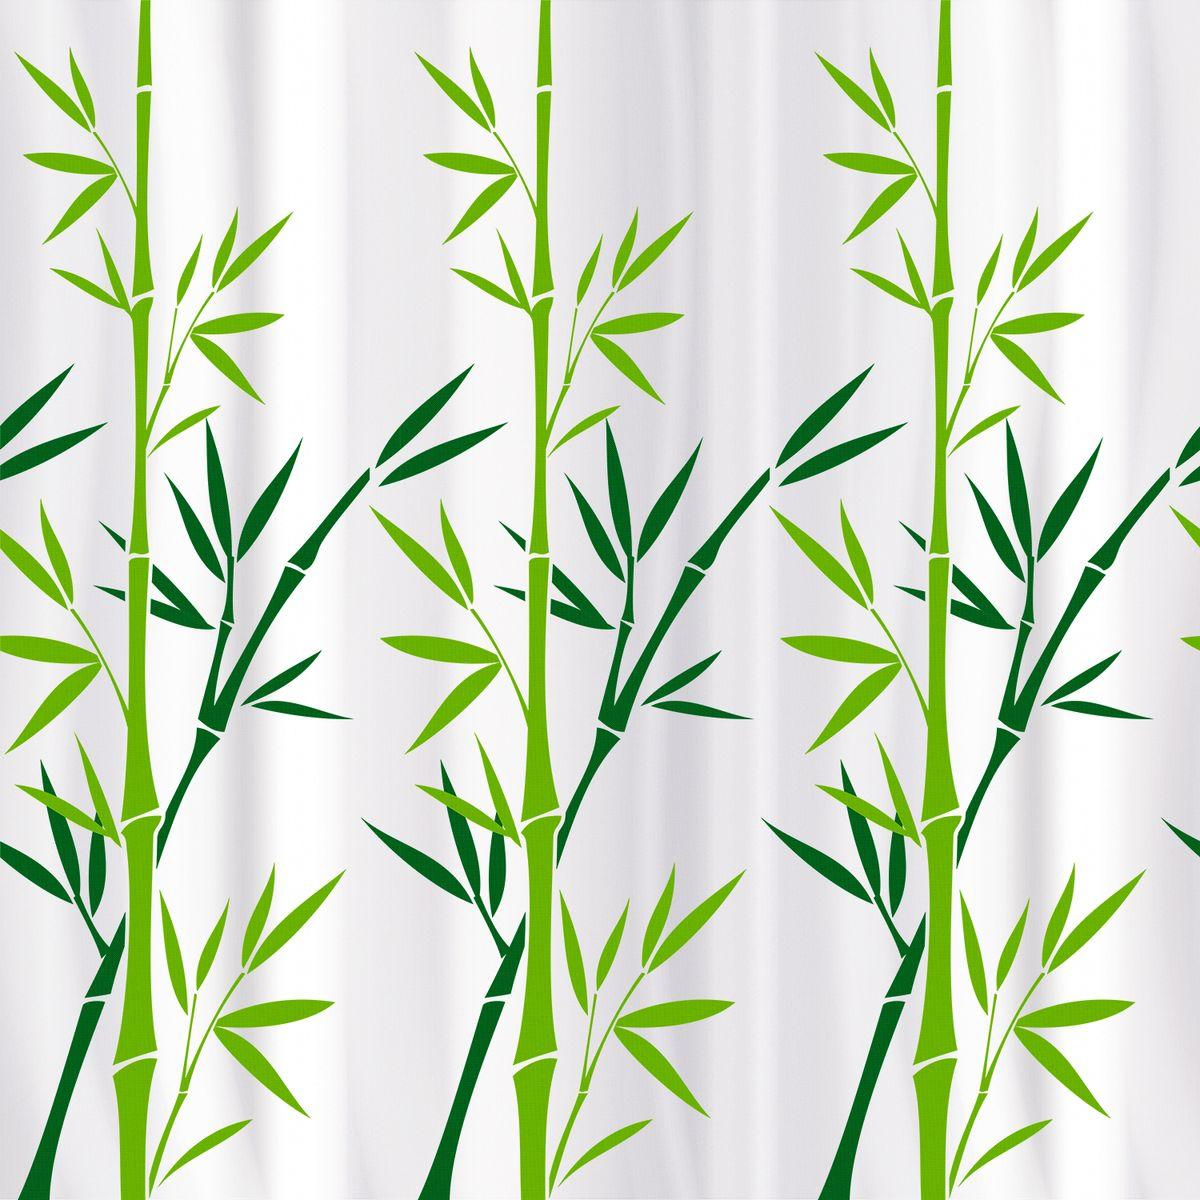 Штора для ванной Tatkraft Bamboo Green Textile, цвет: белый, зеленый, 180 х 180 см18013Штора для ванной Tatkraft Bamboo Green Textile имеет специальную водоотталкивающую пропитку и антигрибковое покрытие. Штора быстро сохнет, легко моется и обладает повышенной износостойкостью. Штора оснащена магнитами-утяжелителями для лучшей фиксации. Мягкая и приятная на ощупь штора для ванной Tatkraft порадует вас своим ярким дизайном и добавит уюта в ванную комнату.